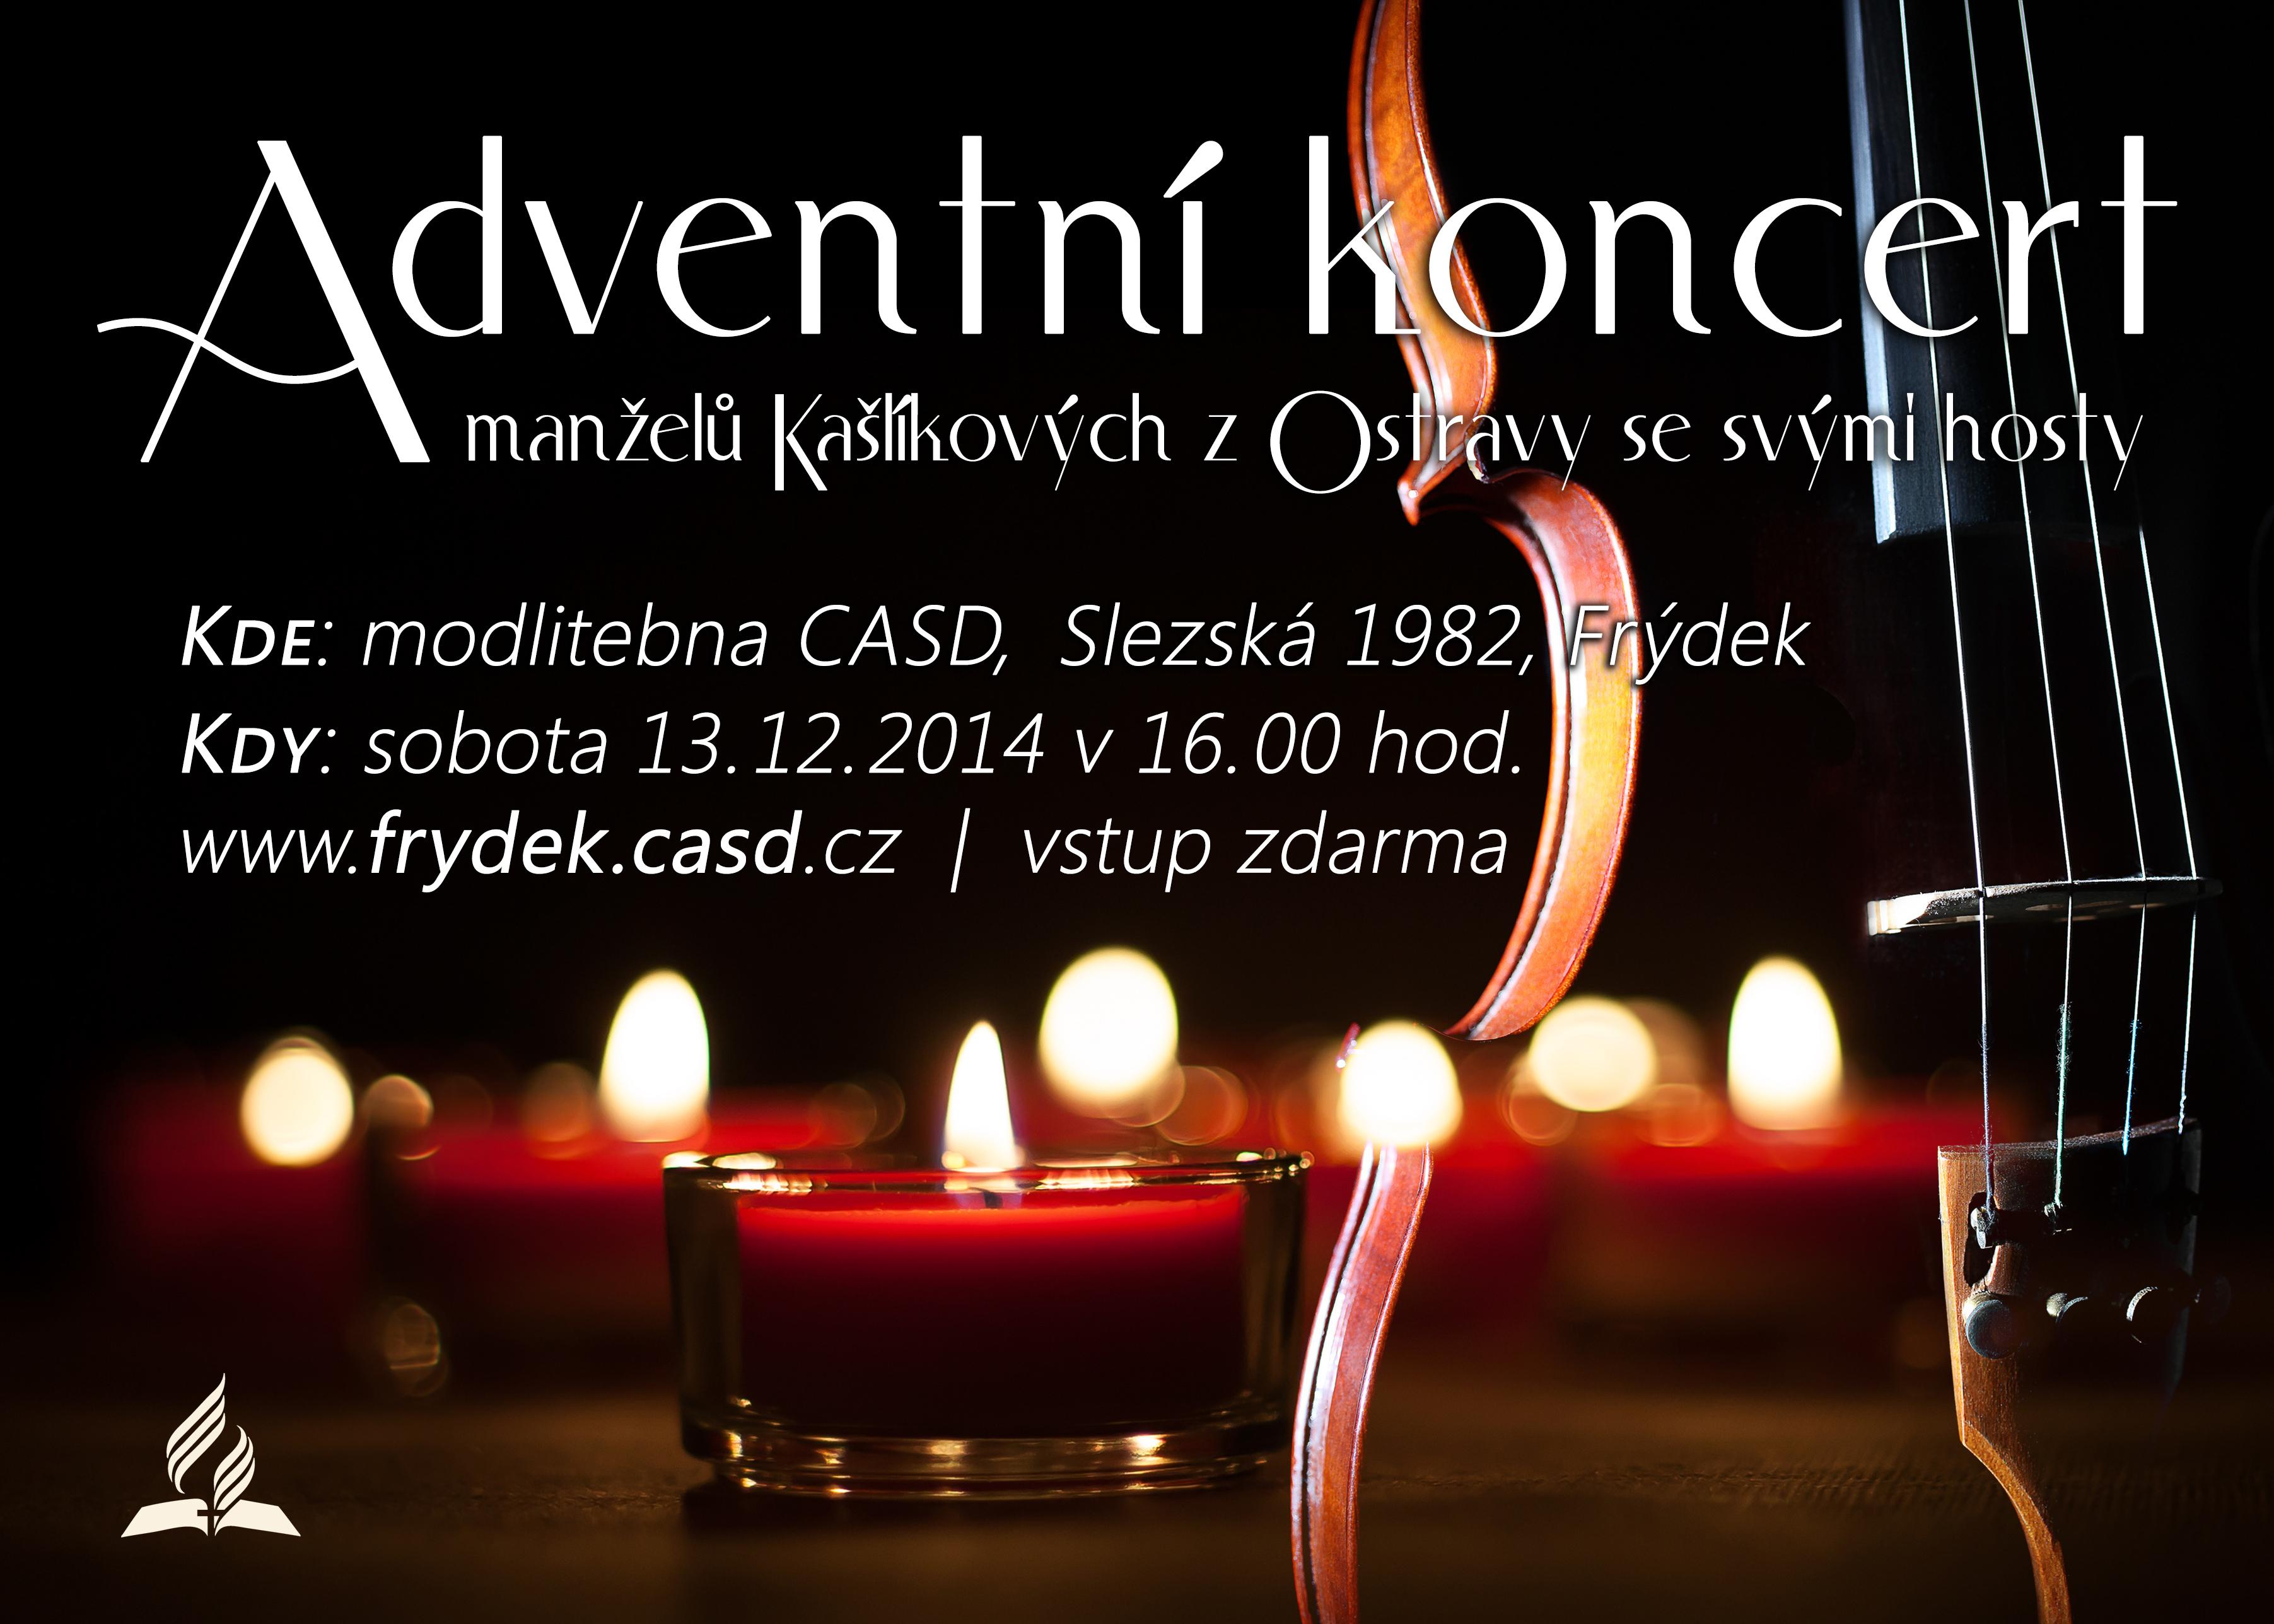 fm-adventni-koncert